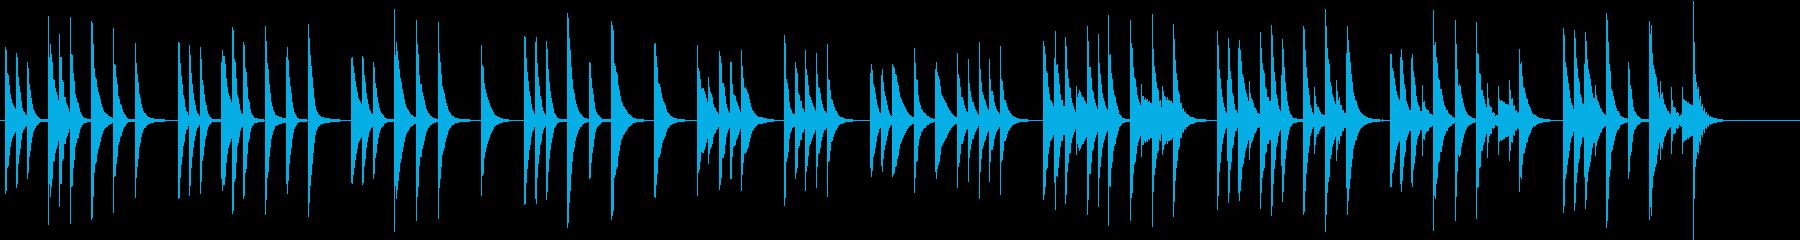 木琴の音色で作ったほのぼのとした短めの曲の再生済みの波形